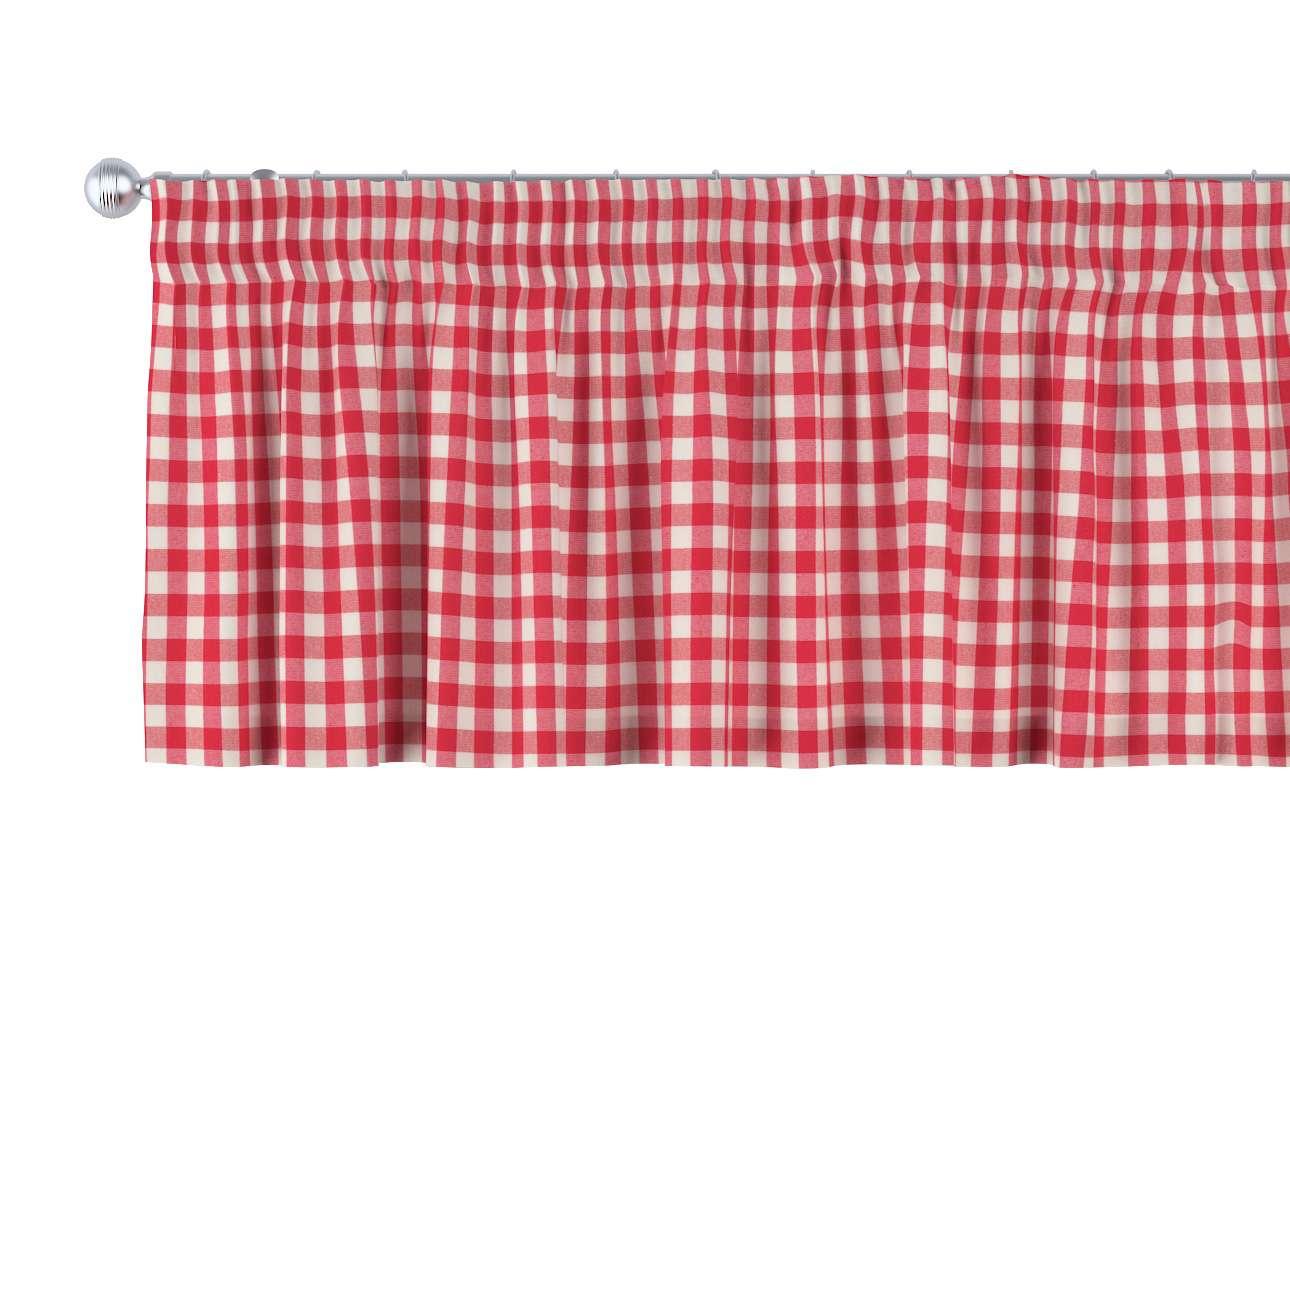 Lambrekin na taśmie marszczącej 130 x 40 cm w kolekcji Quadro, tkanina: 136-16